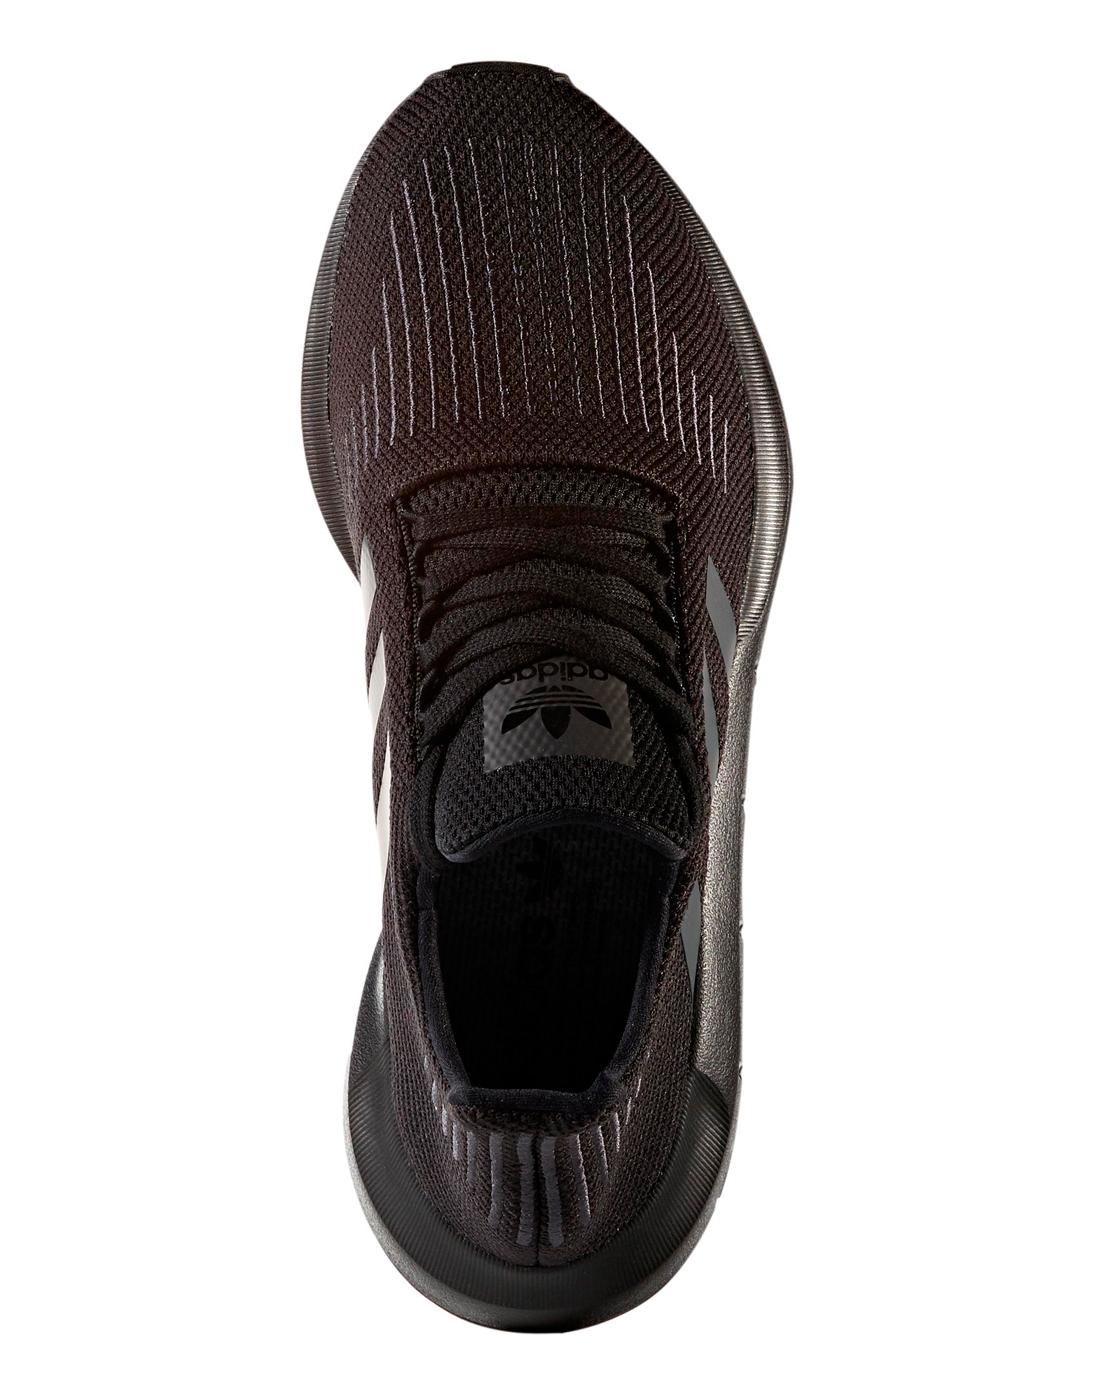 9e841df75cb2e Men s adidas Originals Swift Run